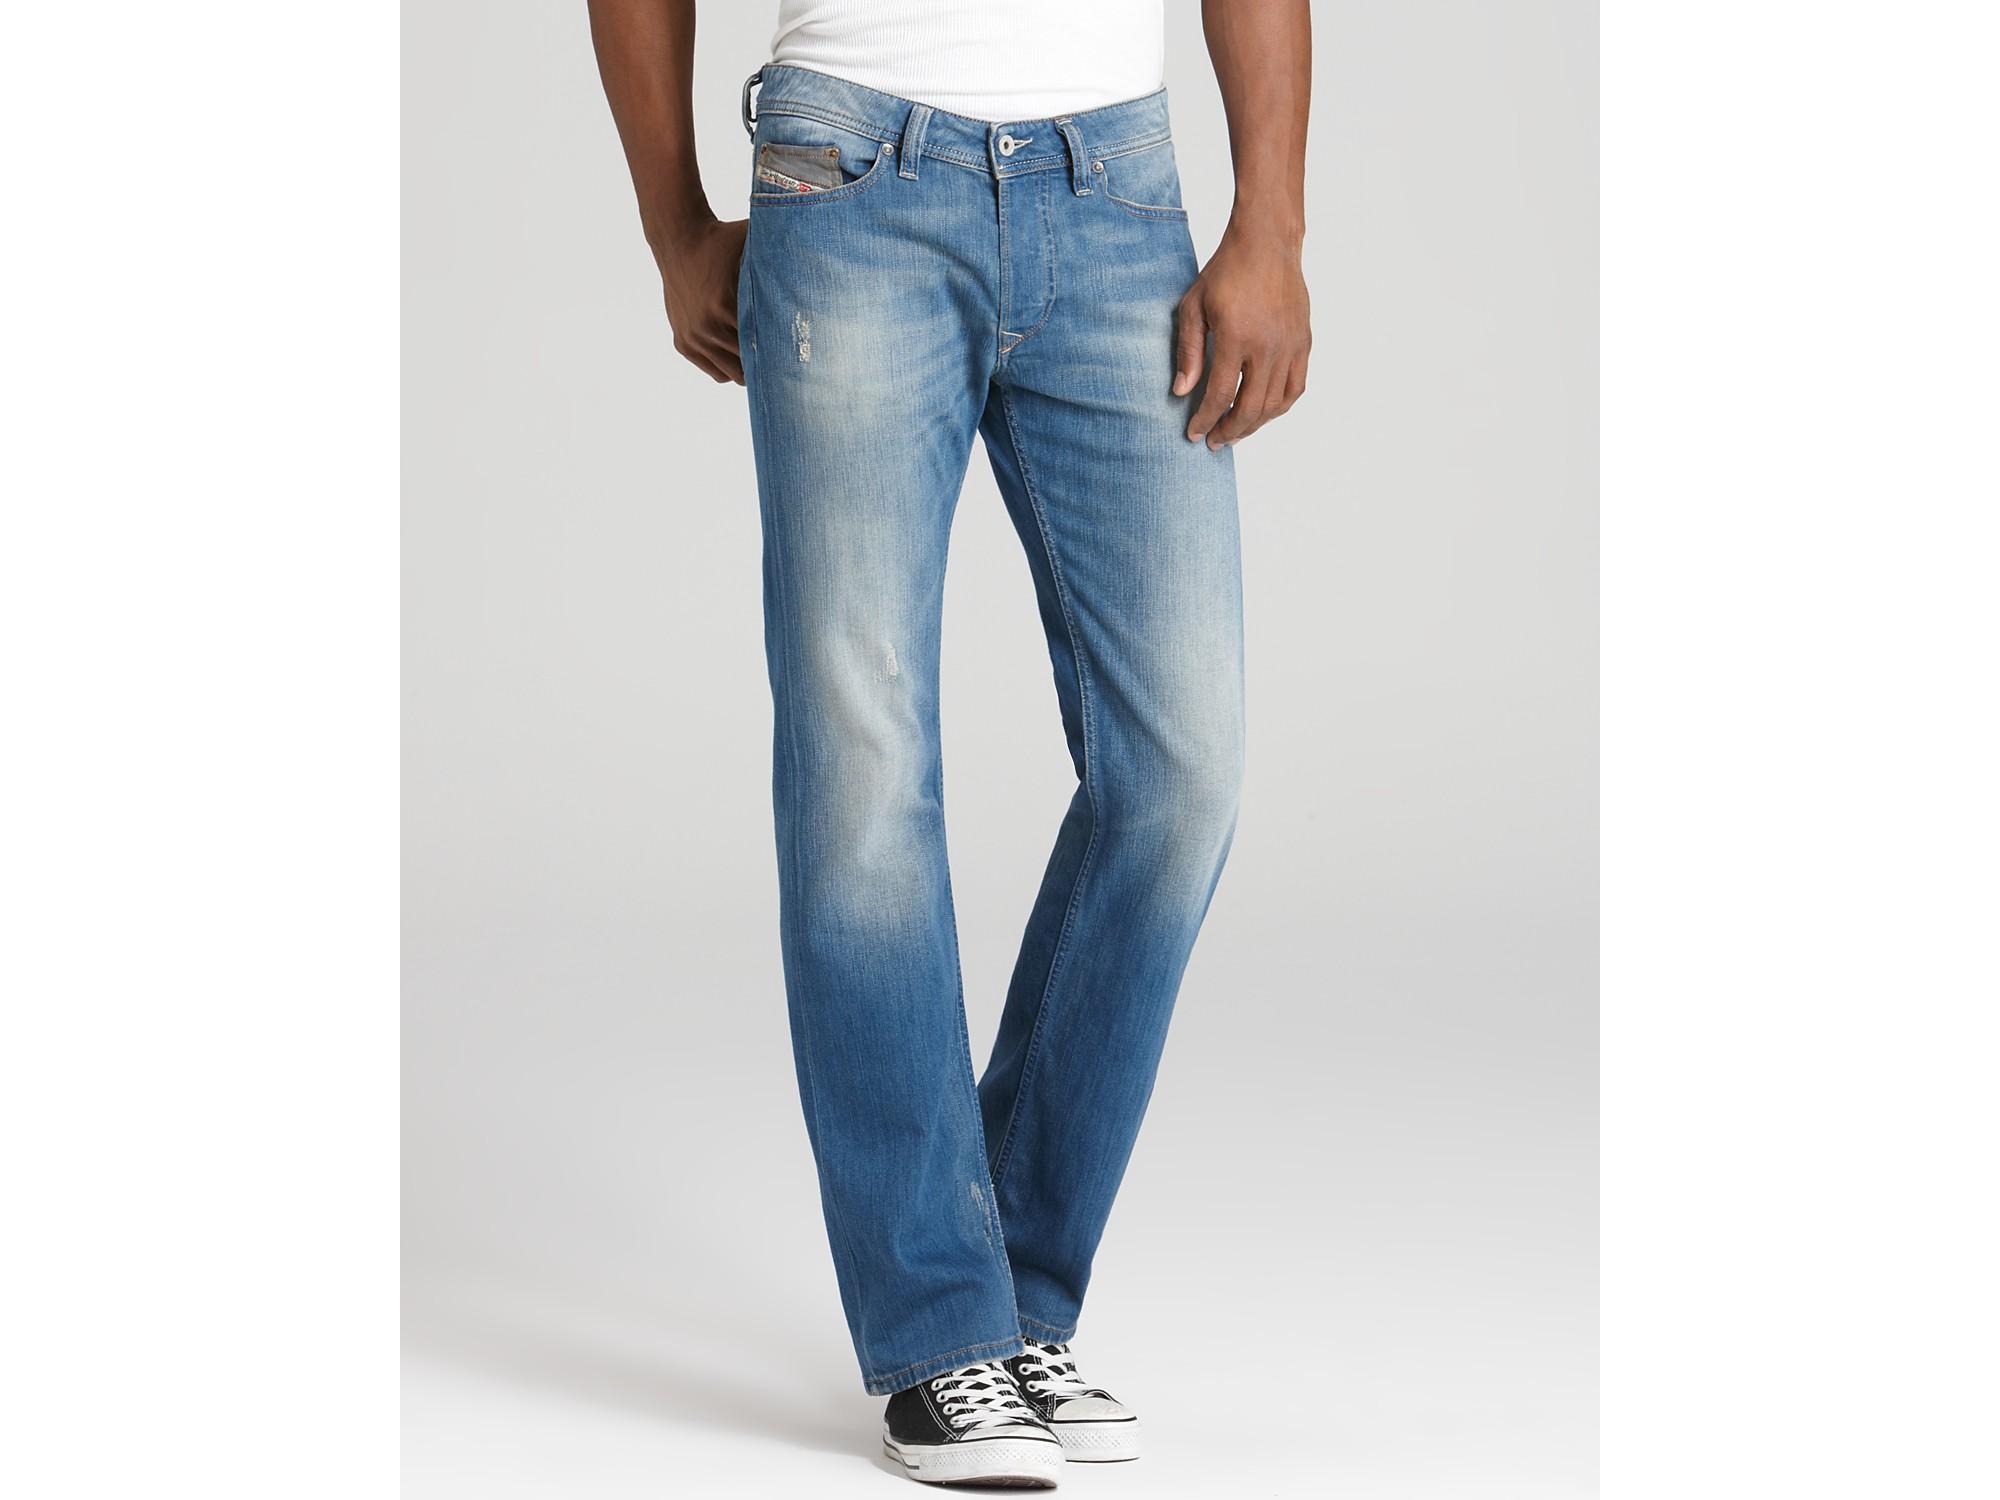 a2c68960 DIESEL Viker Jeans in 888e in Blue for Men - Lyst